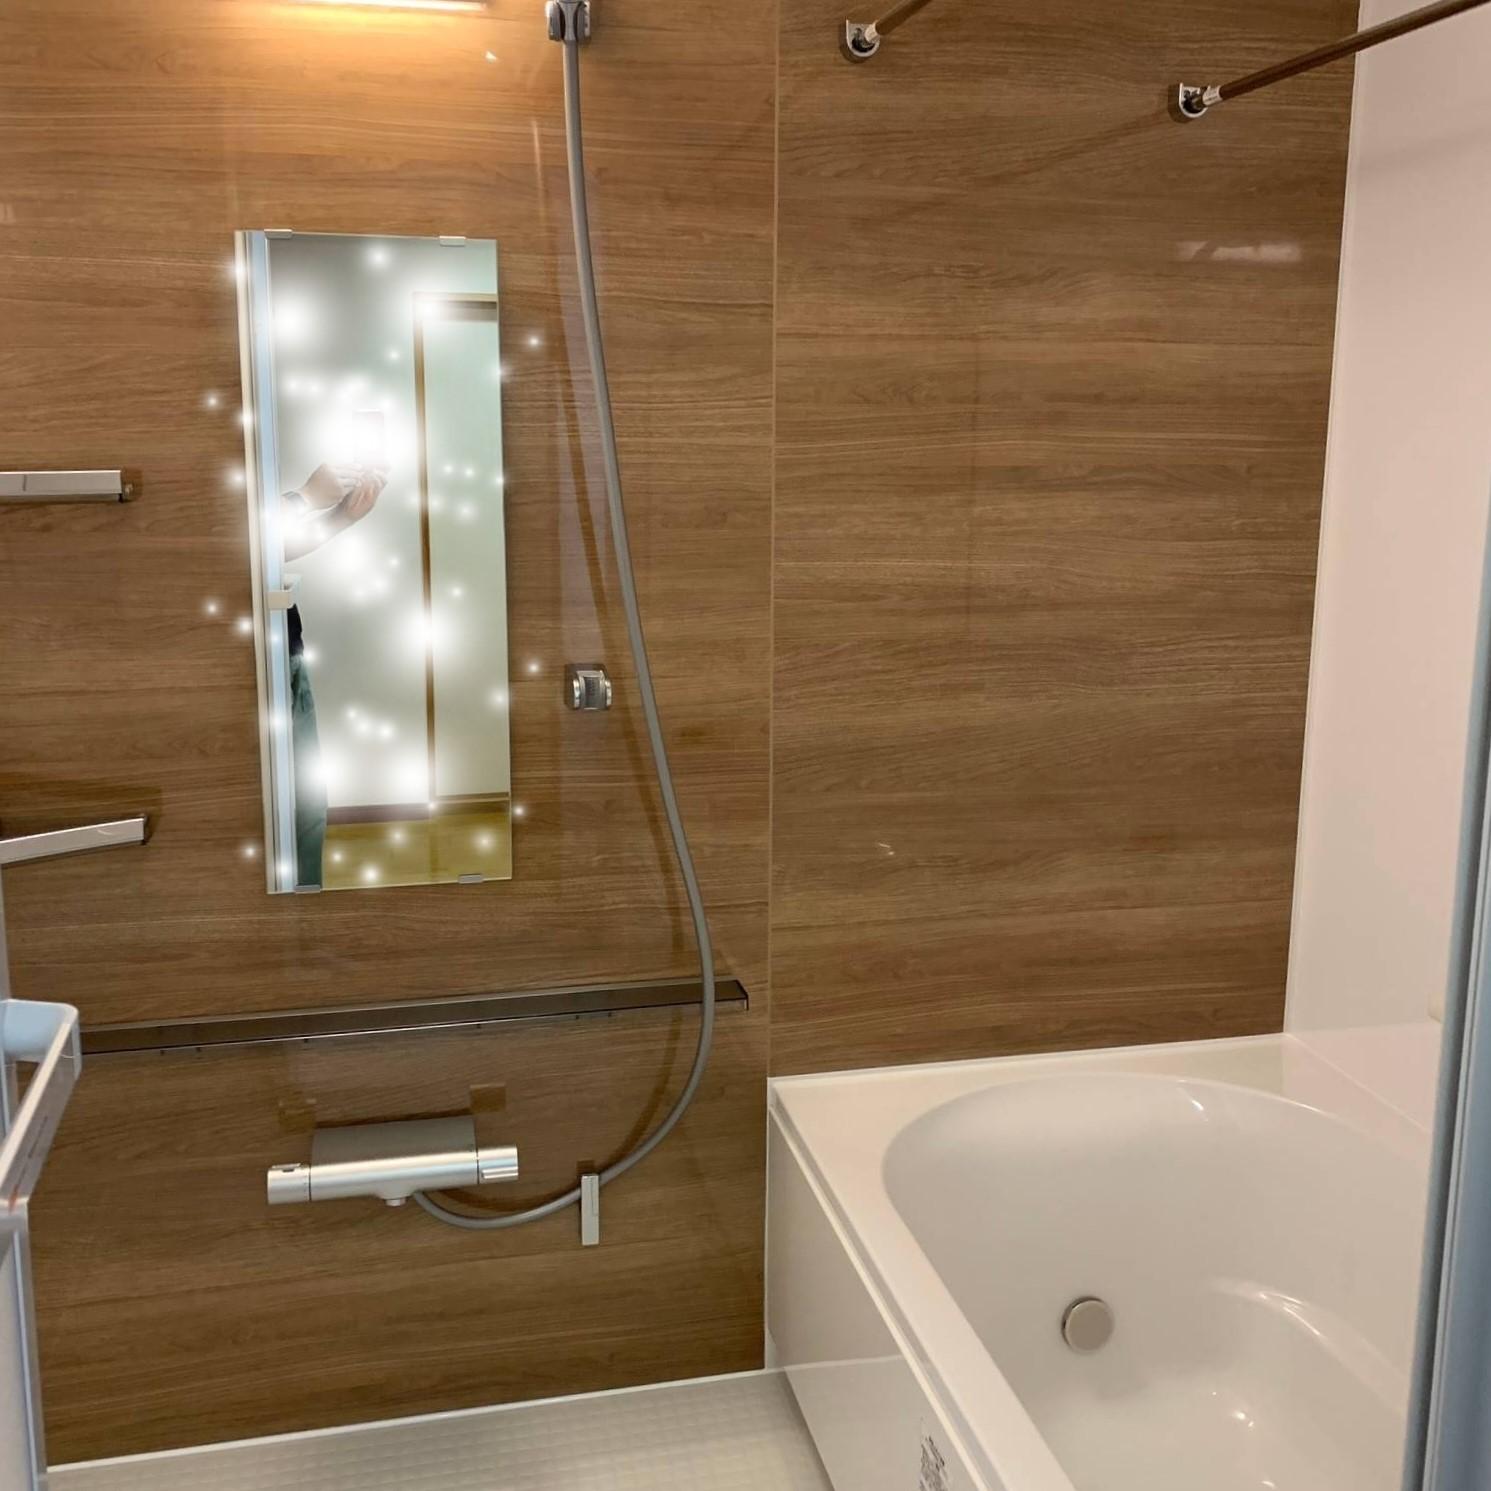 マンション<br>お風呂リフォーム<br>LIXIL リノビオVの画像